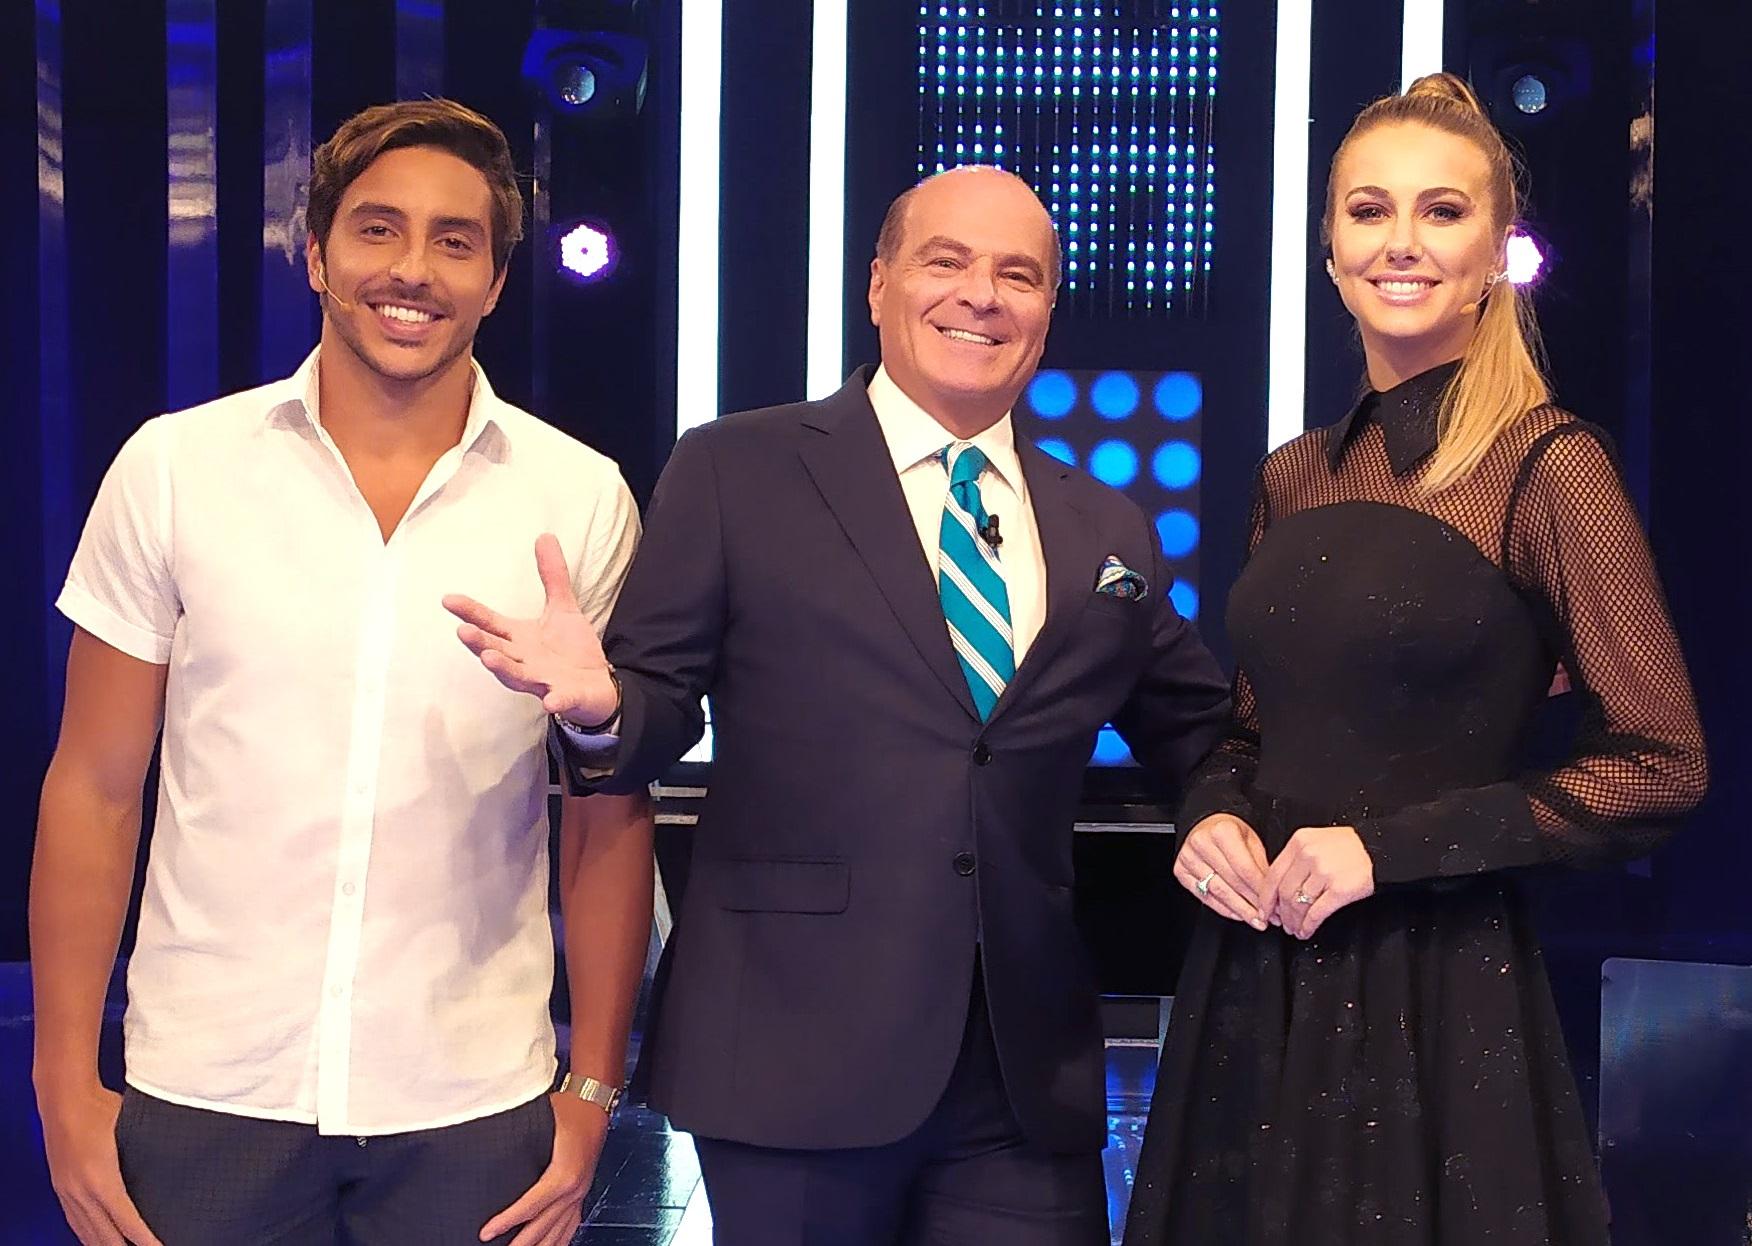 Marthina Brandt e o ator Lucas Mantellato participam do MegaSenha